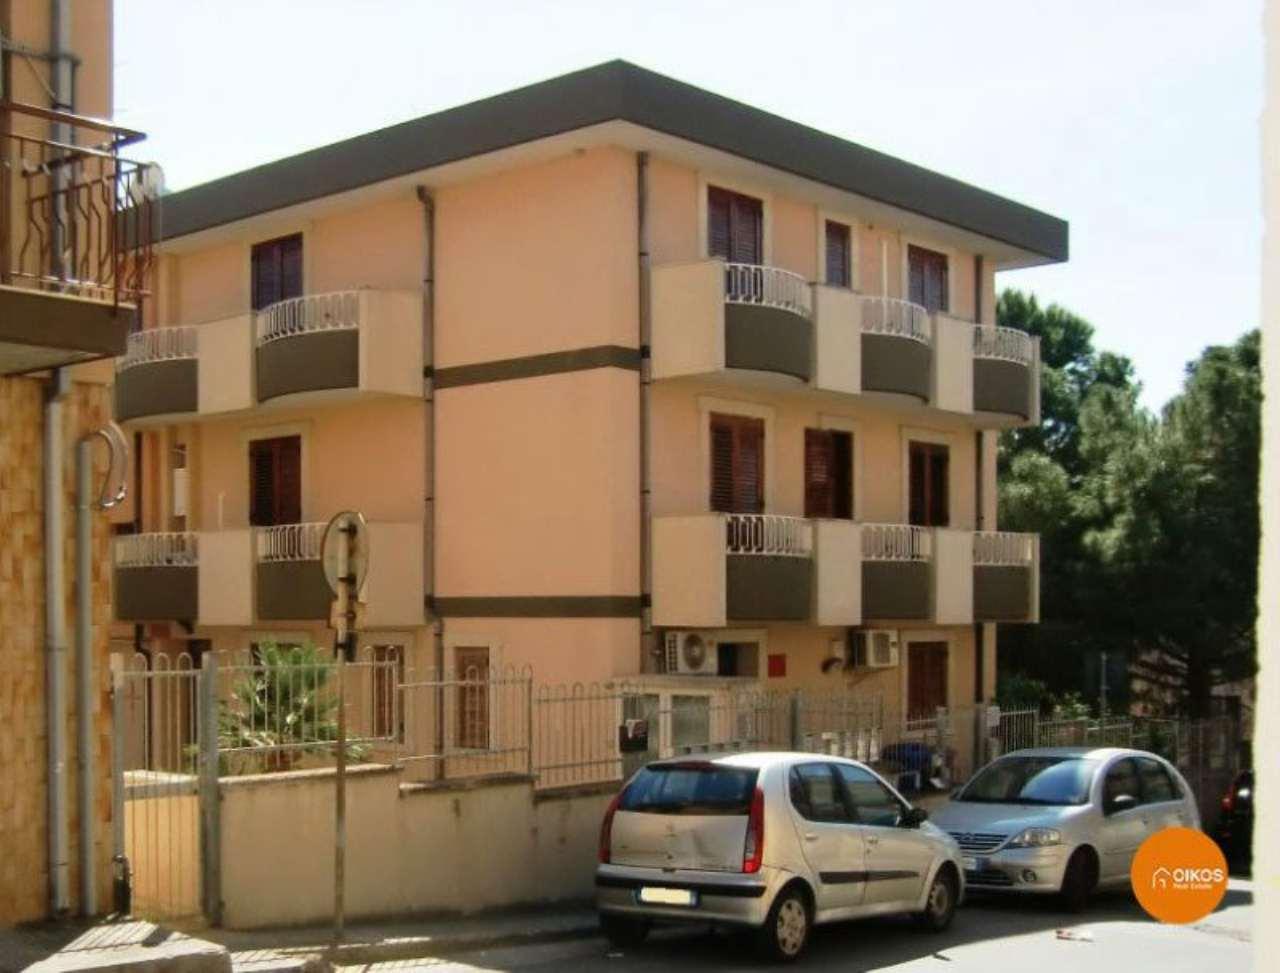 Appartamento in vendita a Noto, 6 locali, prezzo € 185.000 | Cambio Casa.it